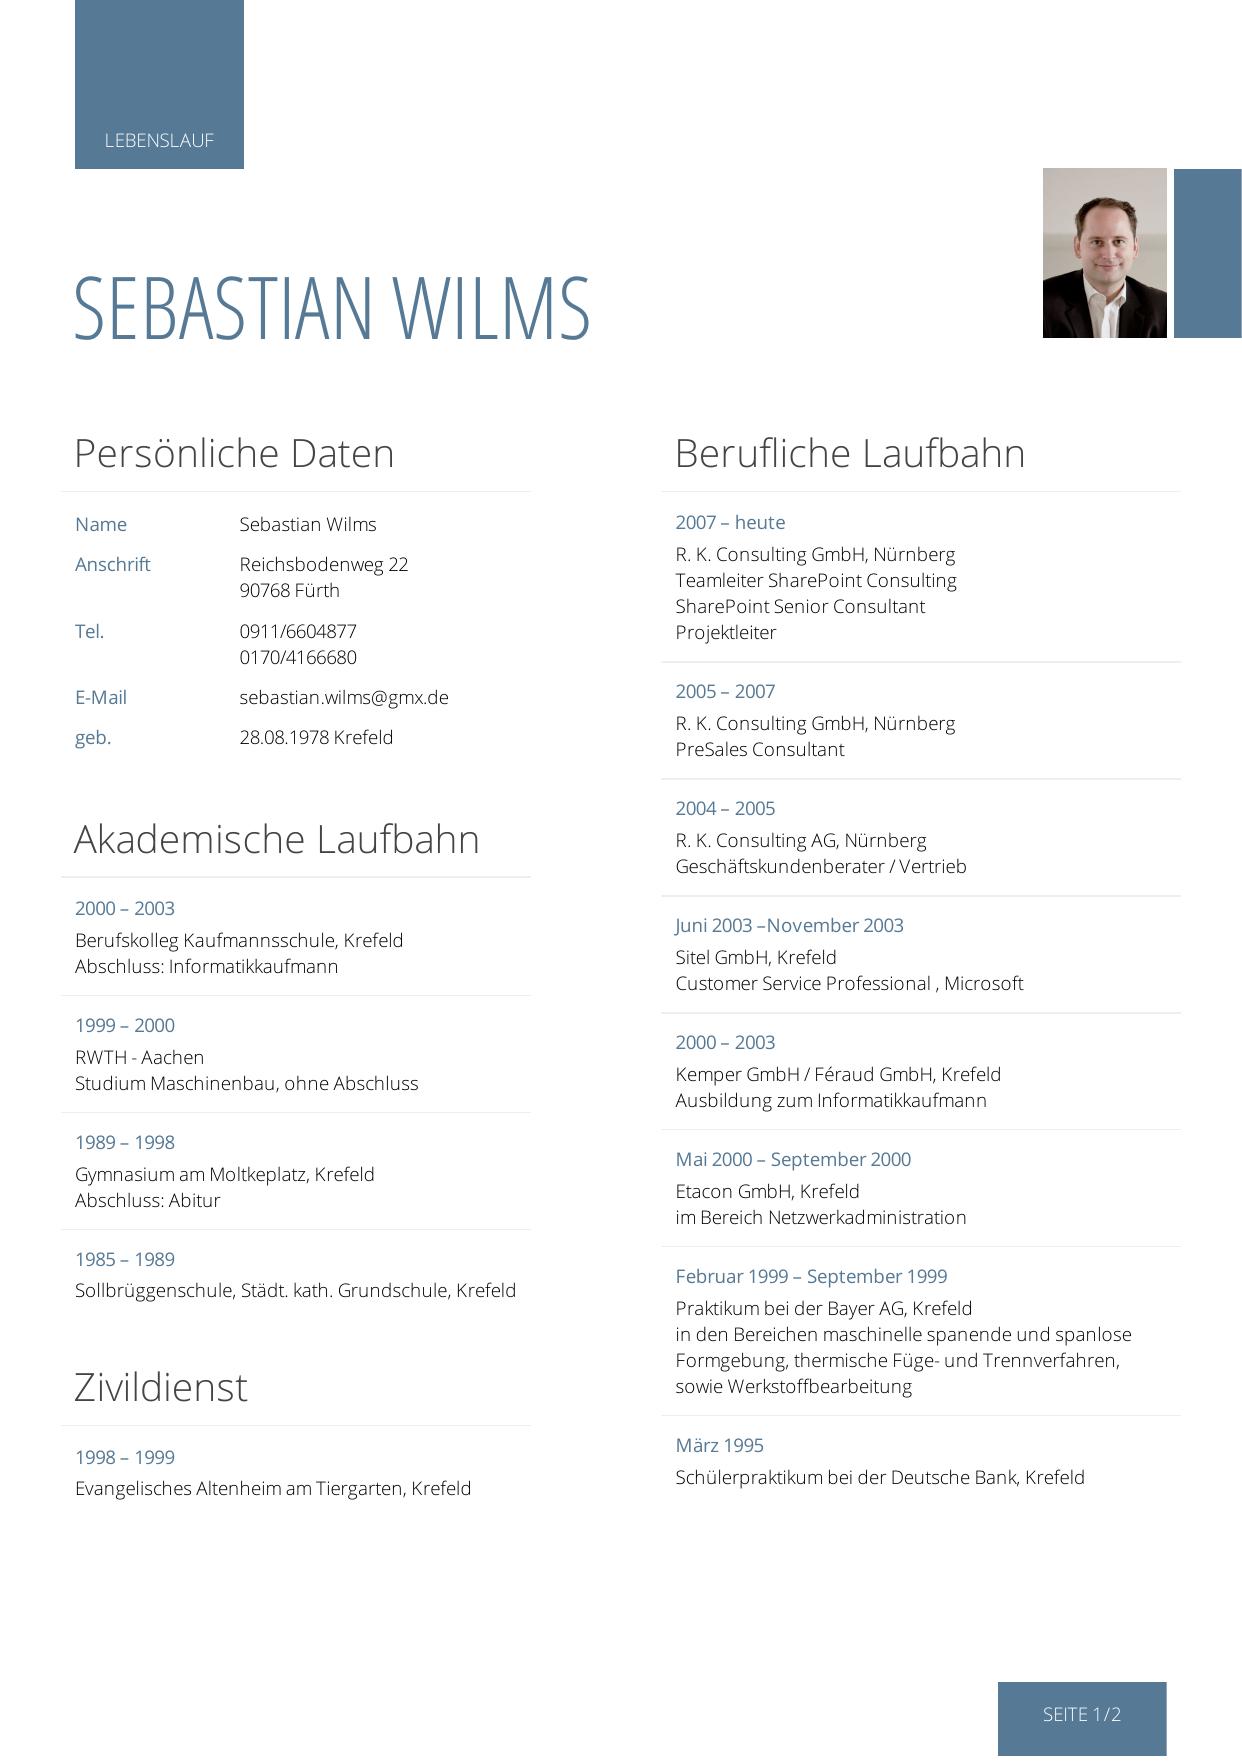 Lebenslauf Sebastian Wilms - SharePoint Forum Stuttgart